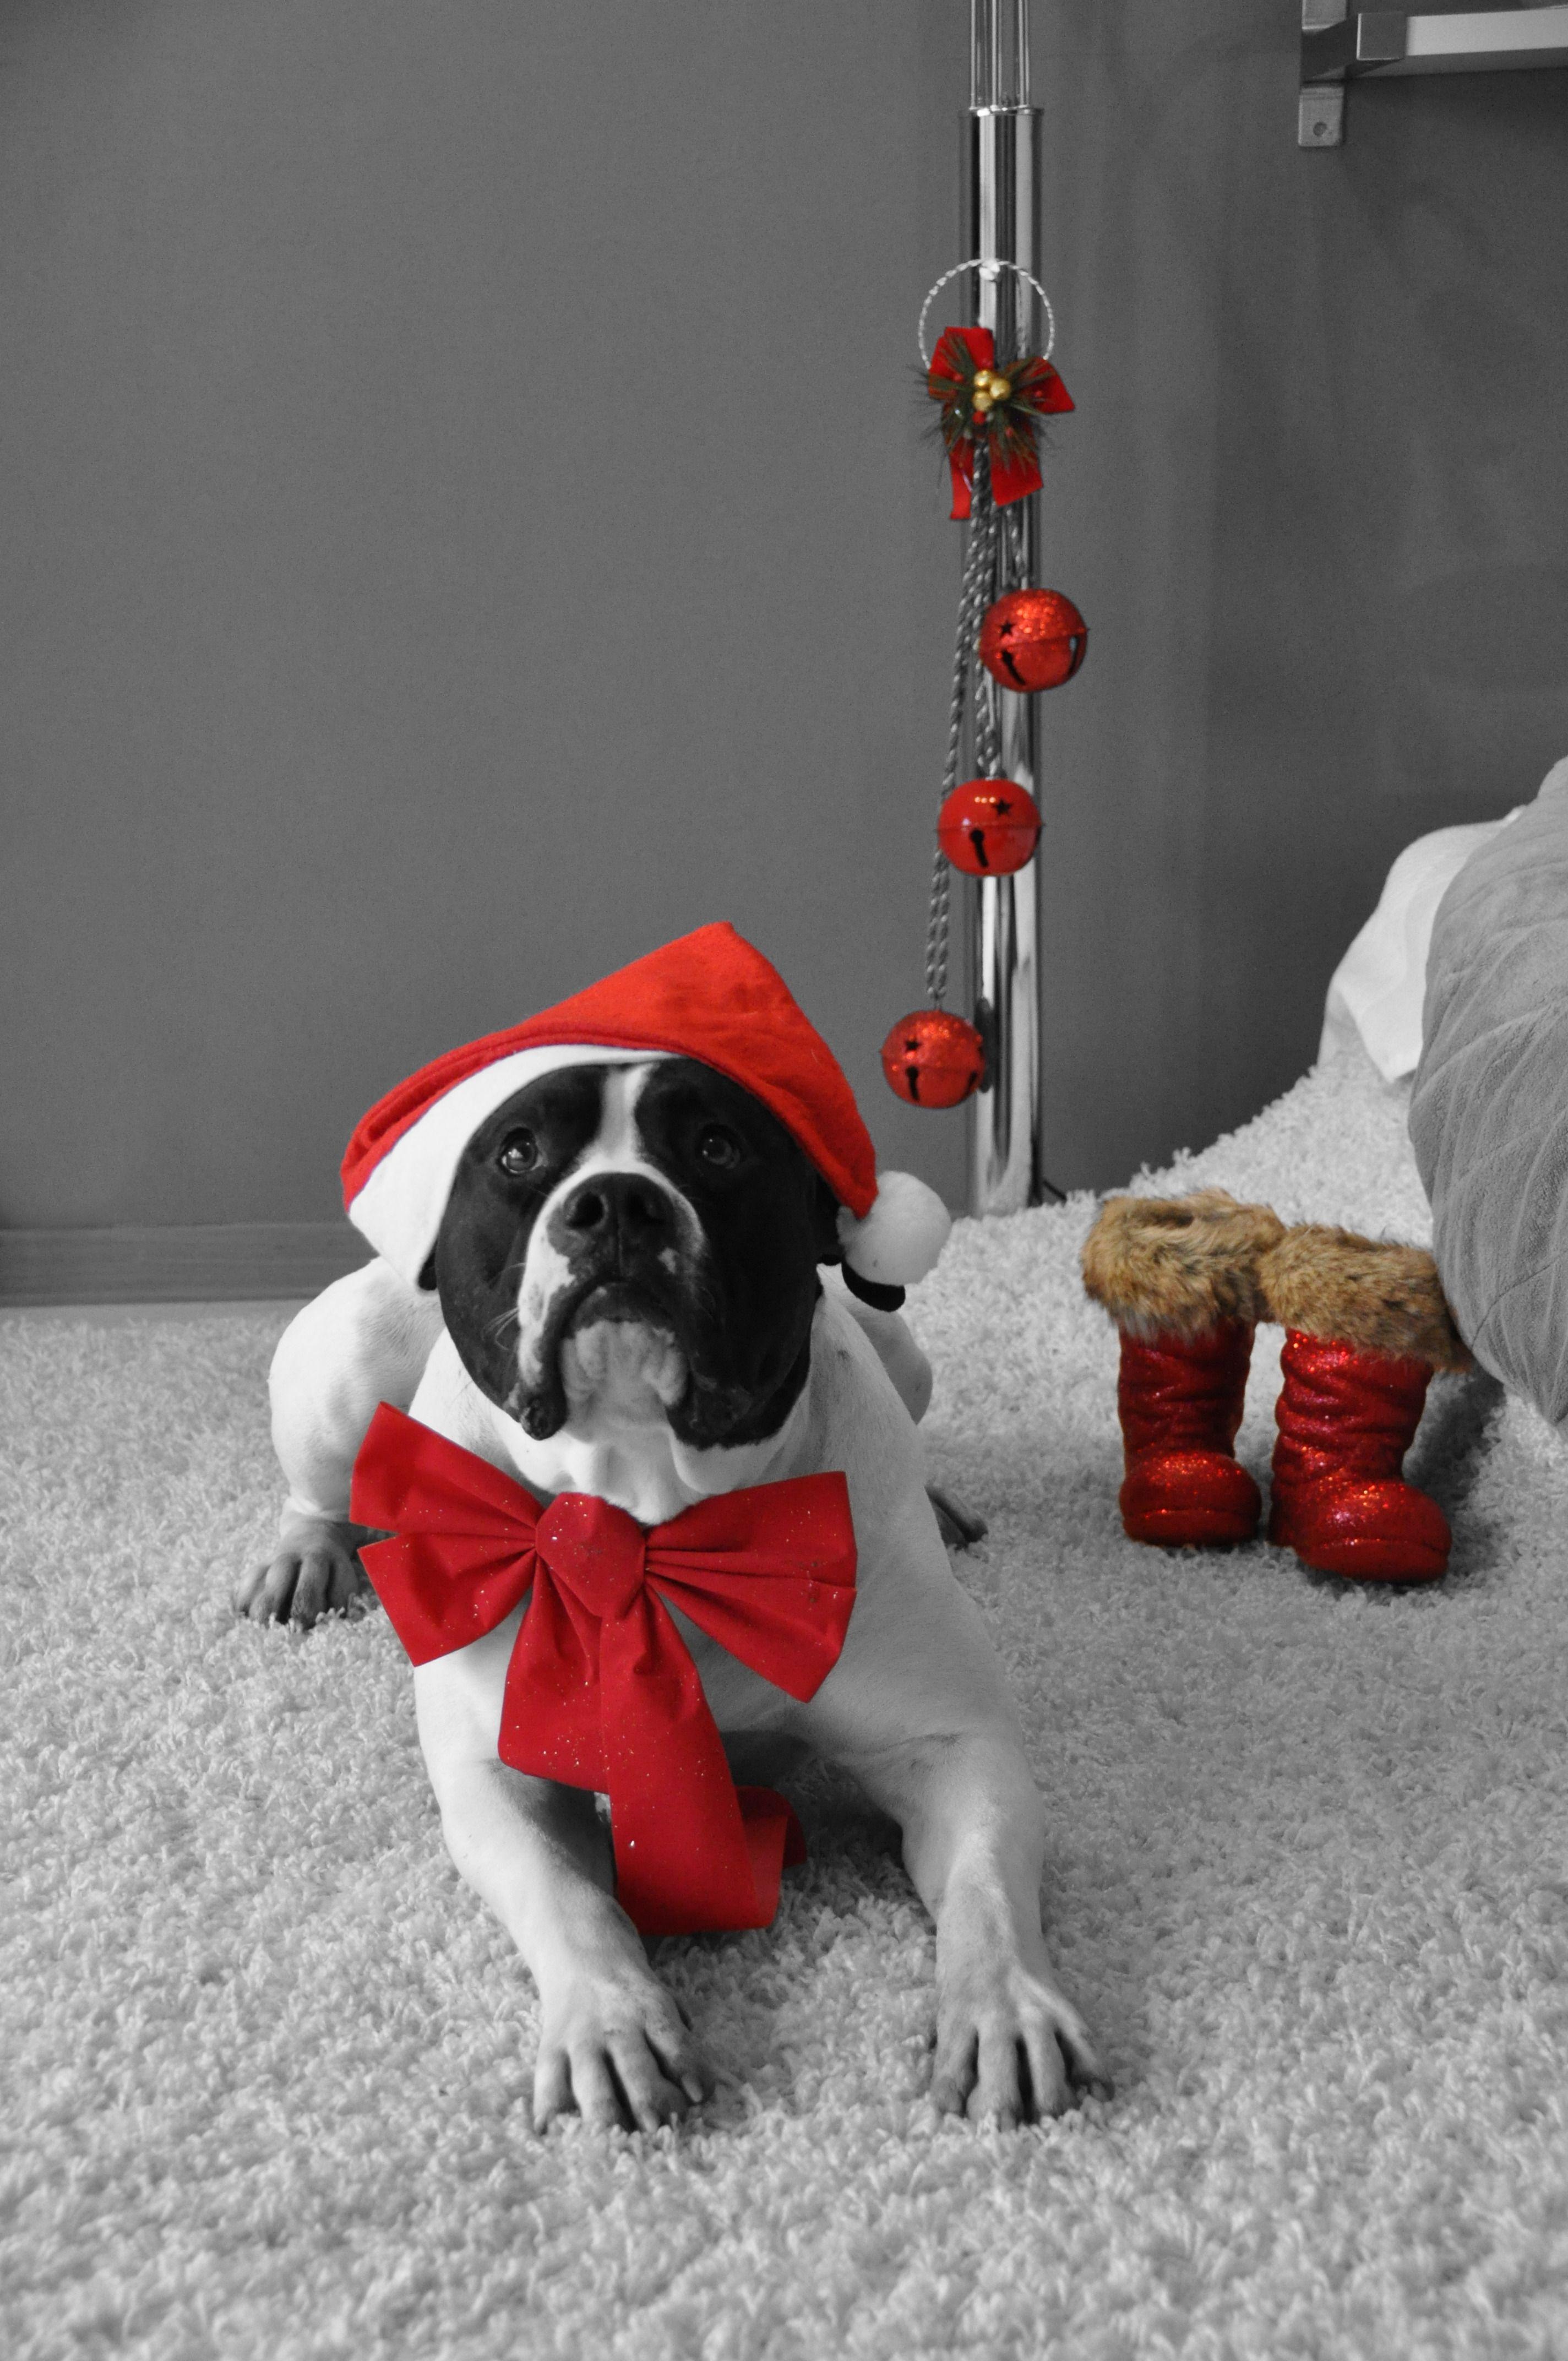 Wir Lieben Weihnachten Mit Den Hudnen Dogsonchristmas Hundeweihnachten Hundefasching Hundeverkleidung Hundekostum Hund American Bulldog Hunde Weihnachten